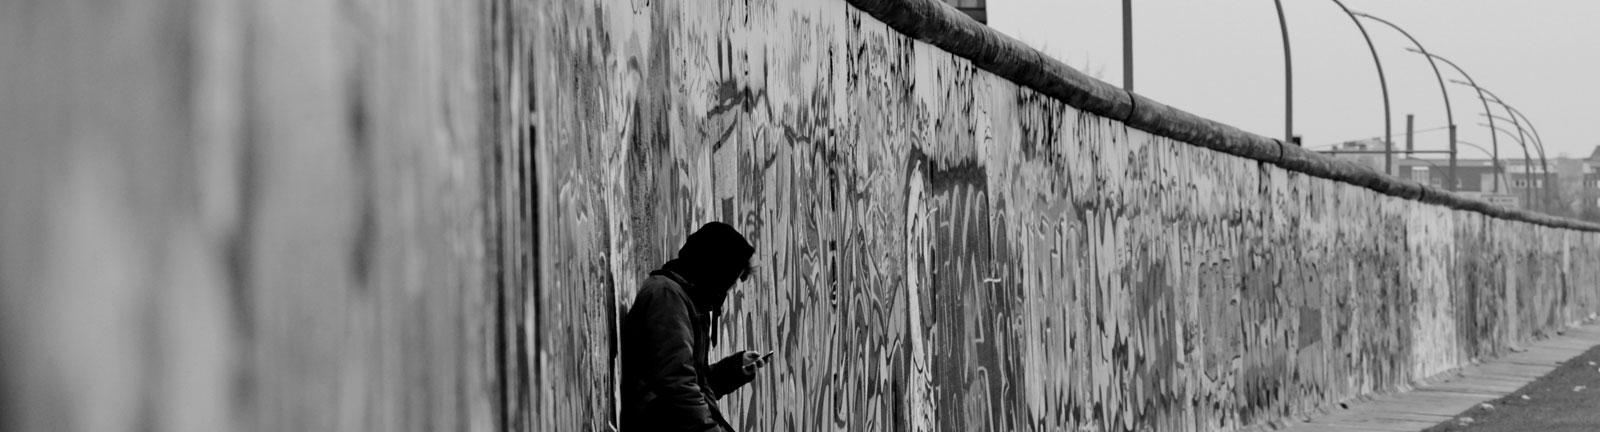 Ein Mann lehnt an der Berliner Mauer.